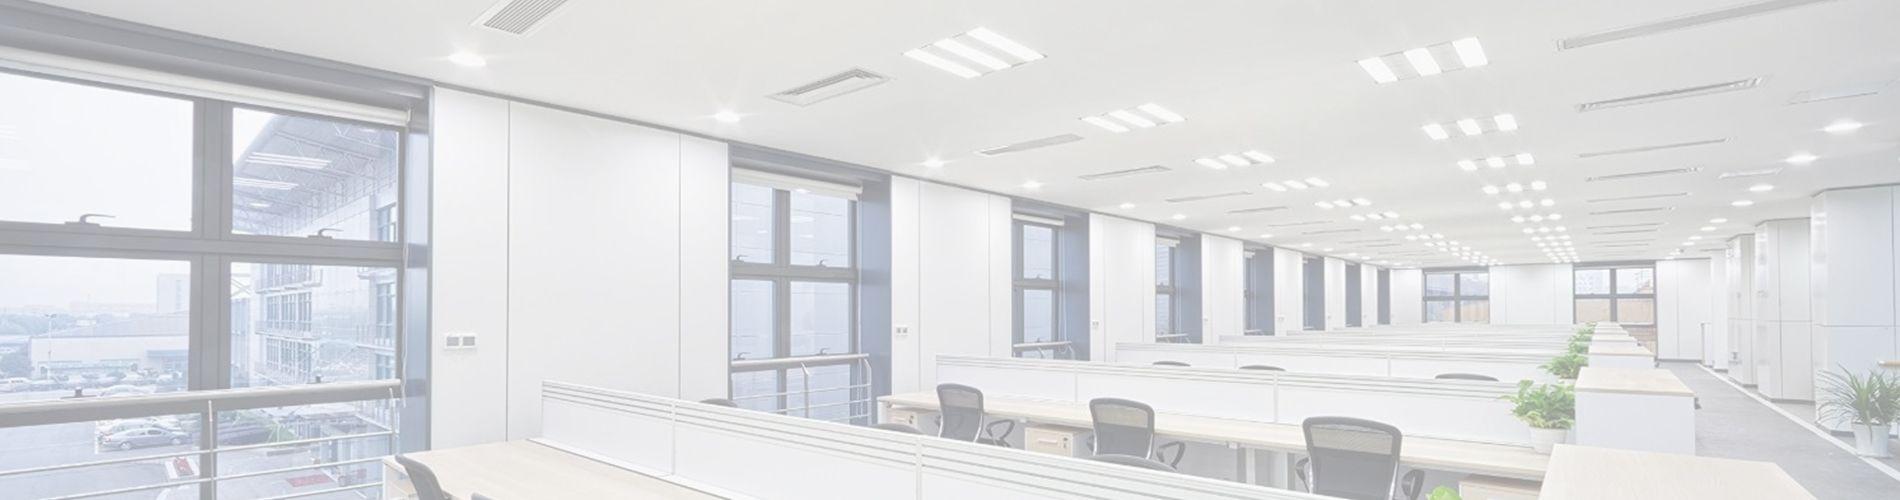 slide_bureaux Eclairage de bureaux, Améliorer le confort visuel